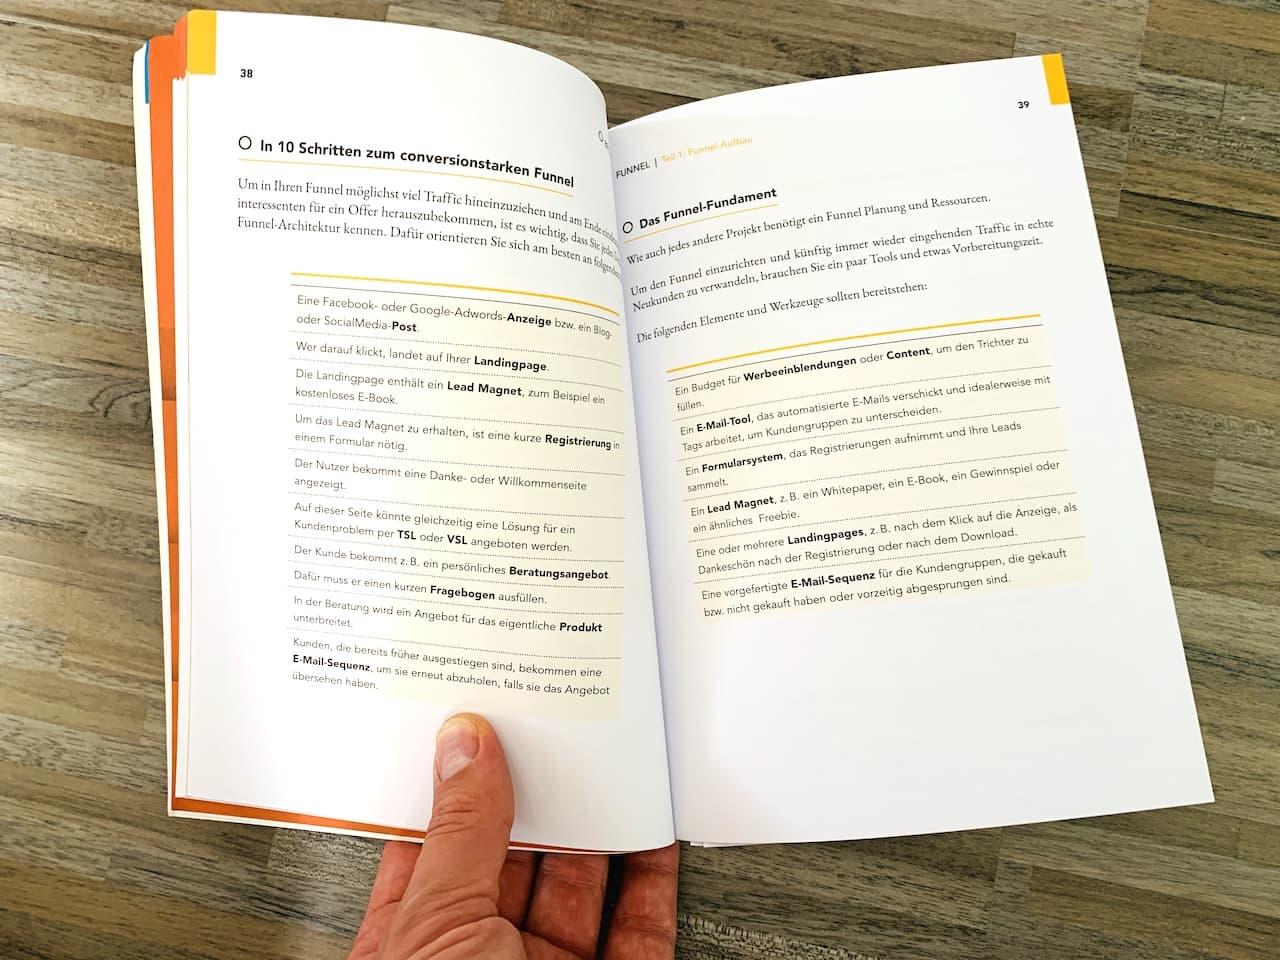 89 Checklisten für durchschlagenden Online-Marketing-Erfolg Marcel Knopf Seite 38 39